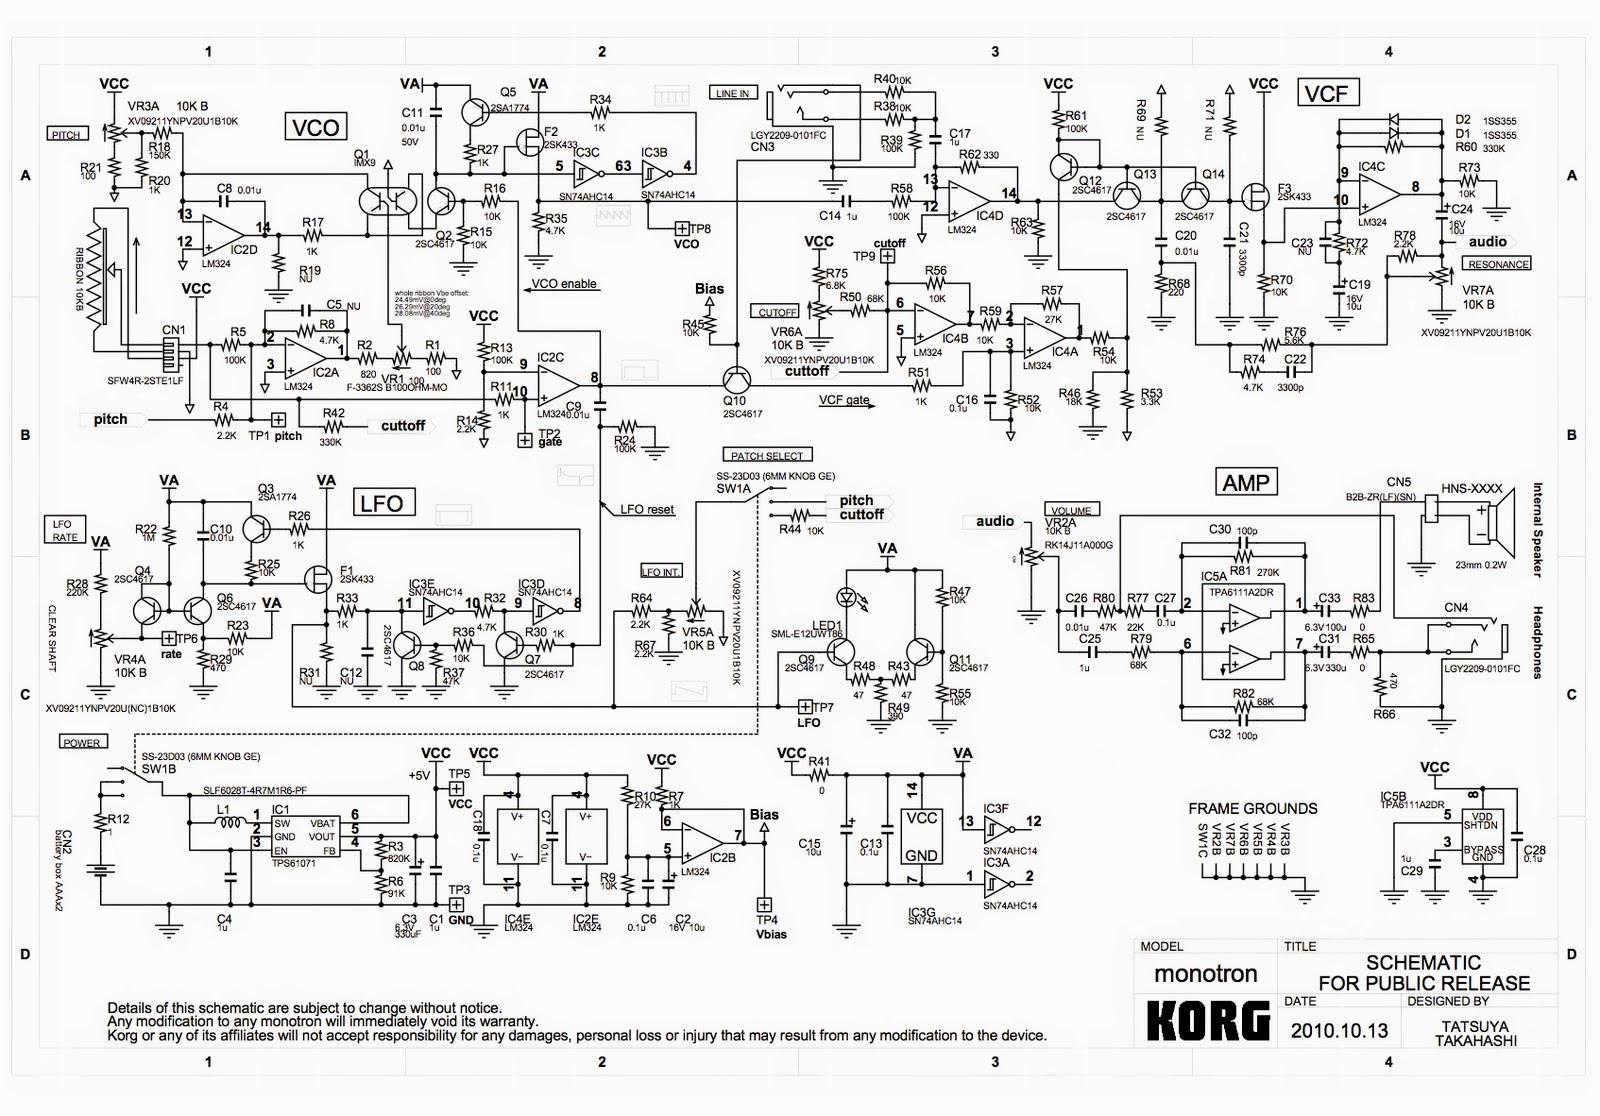 monotron_sch+%25281%2529 Korg Monotron Schematic on